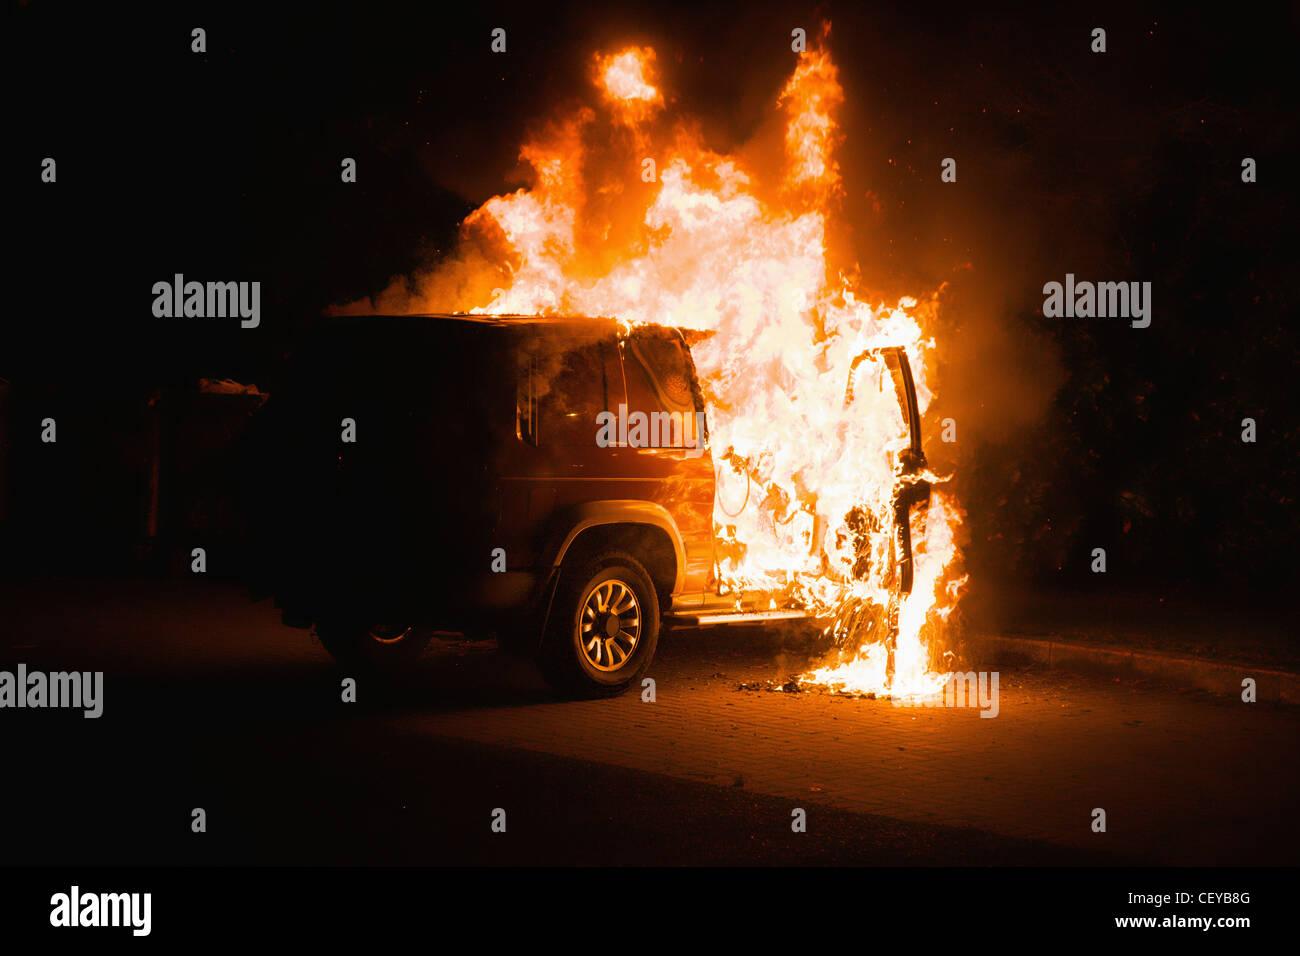 a vehicle on fire; dublin dublin county ireland - Stock Image